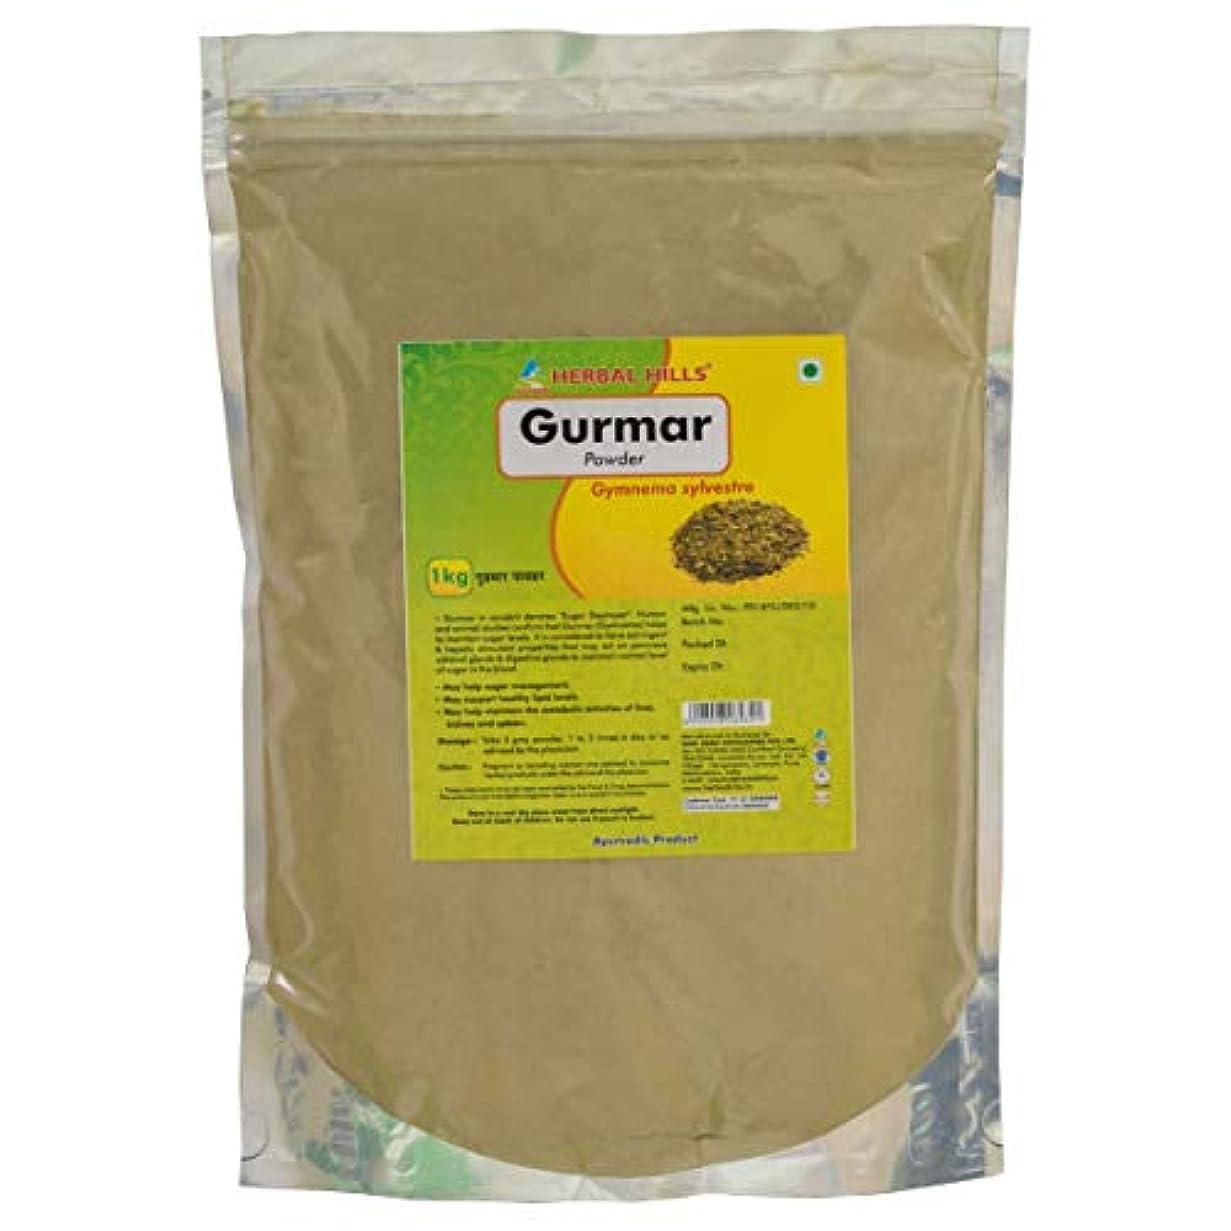 雑品センチメンタル疎外するHerbal Hills Gurmar Powder - 1 kg